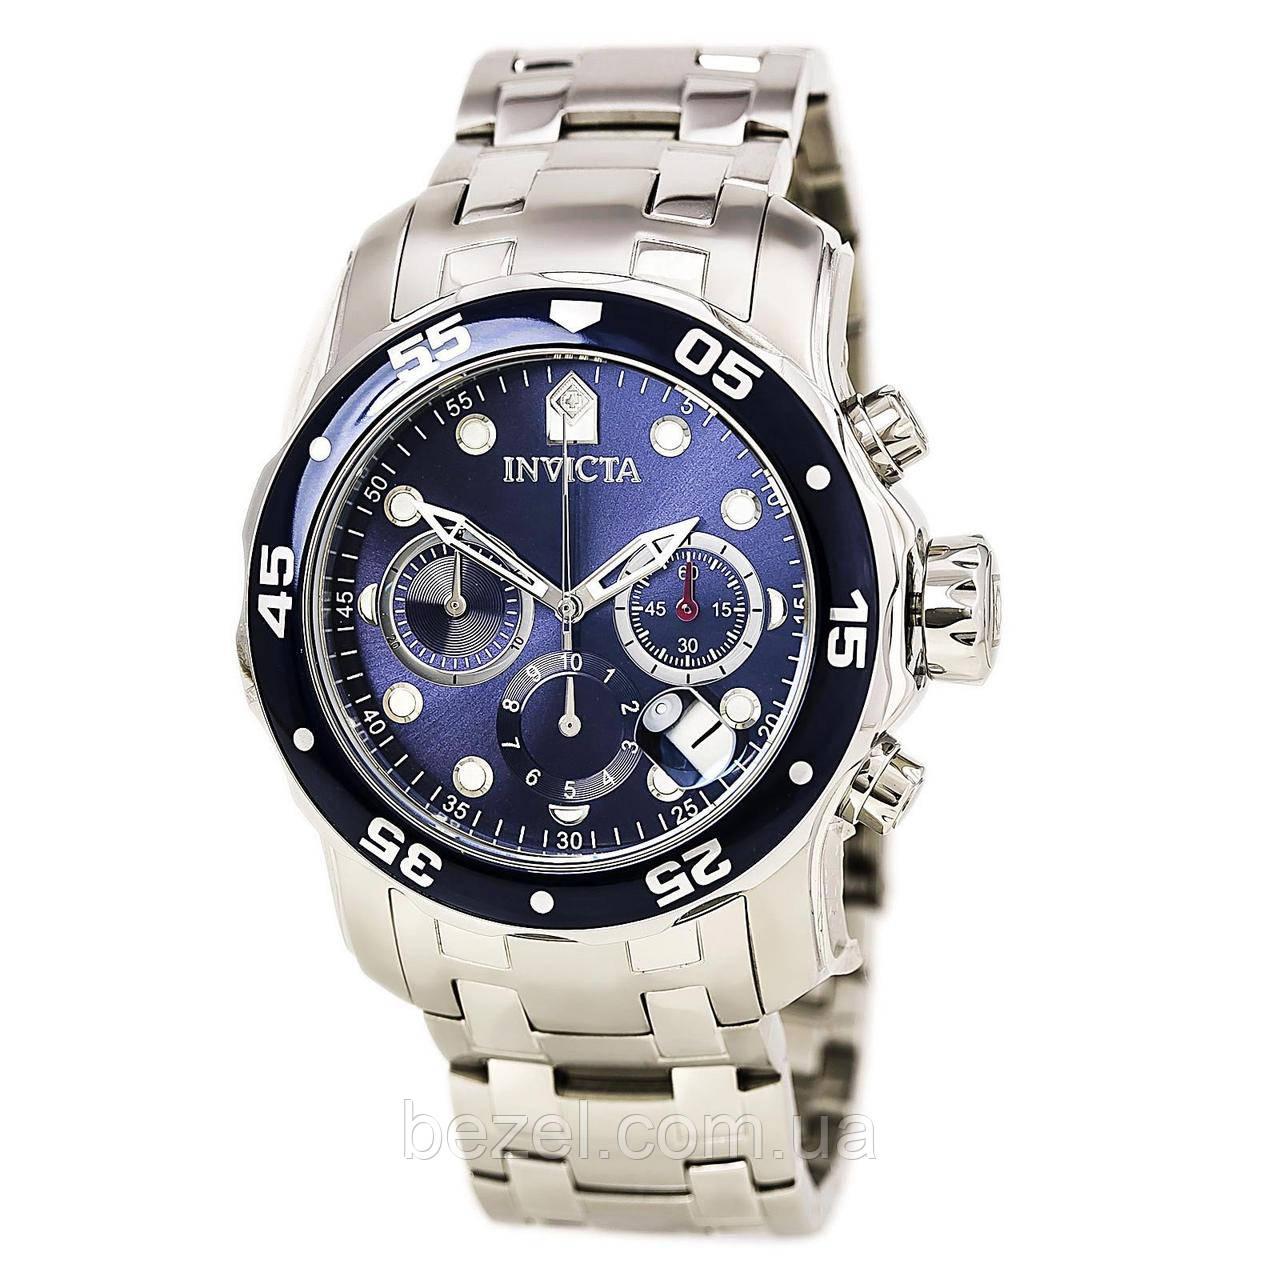 Мужские швейцарские часы INVICTA 0070 Pro Diver Инвикта дайвер  водонепроницаемые швейцарские для дайвинга a067a645d1a